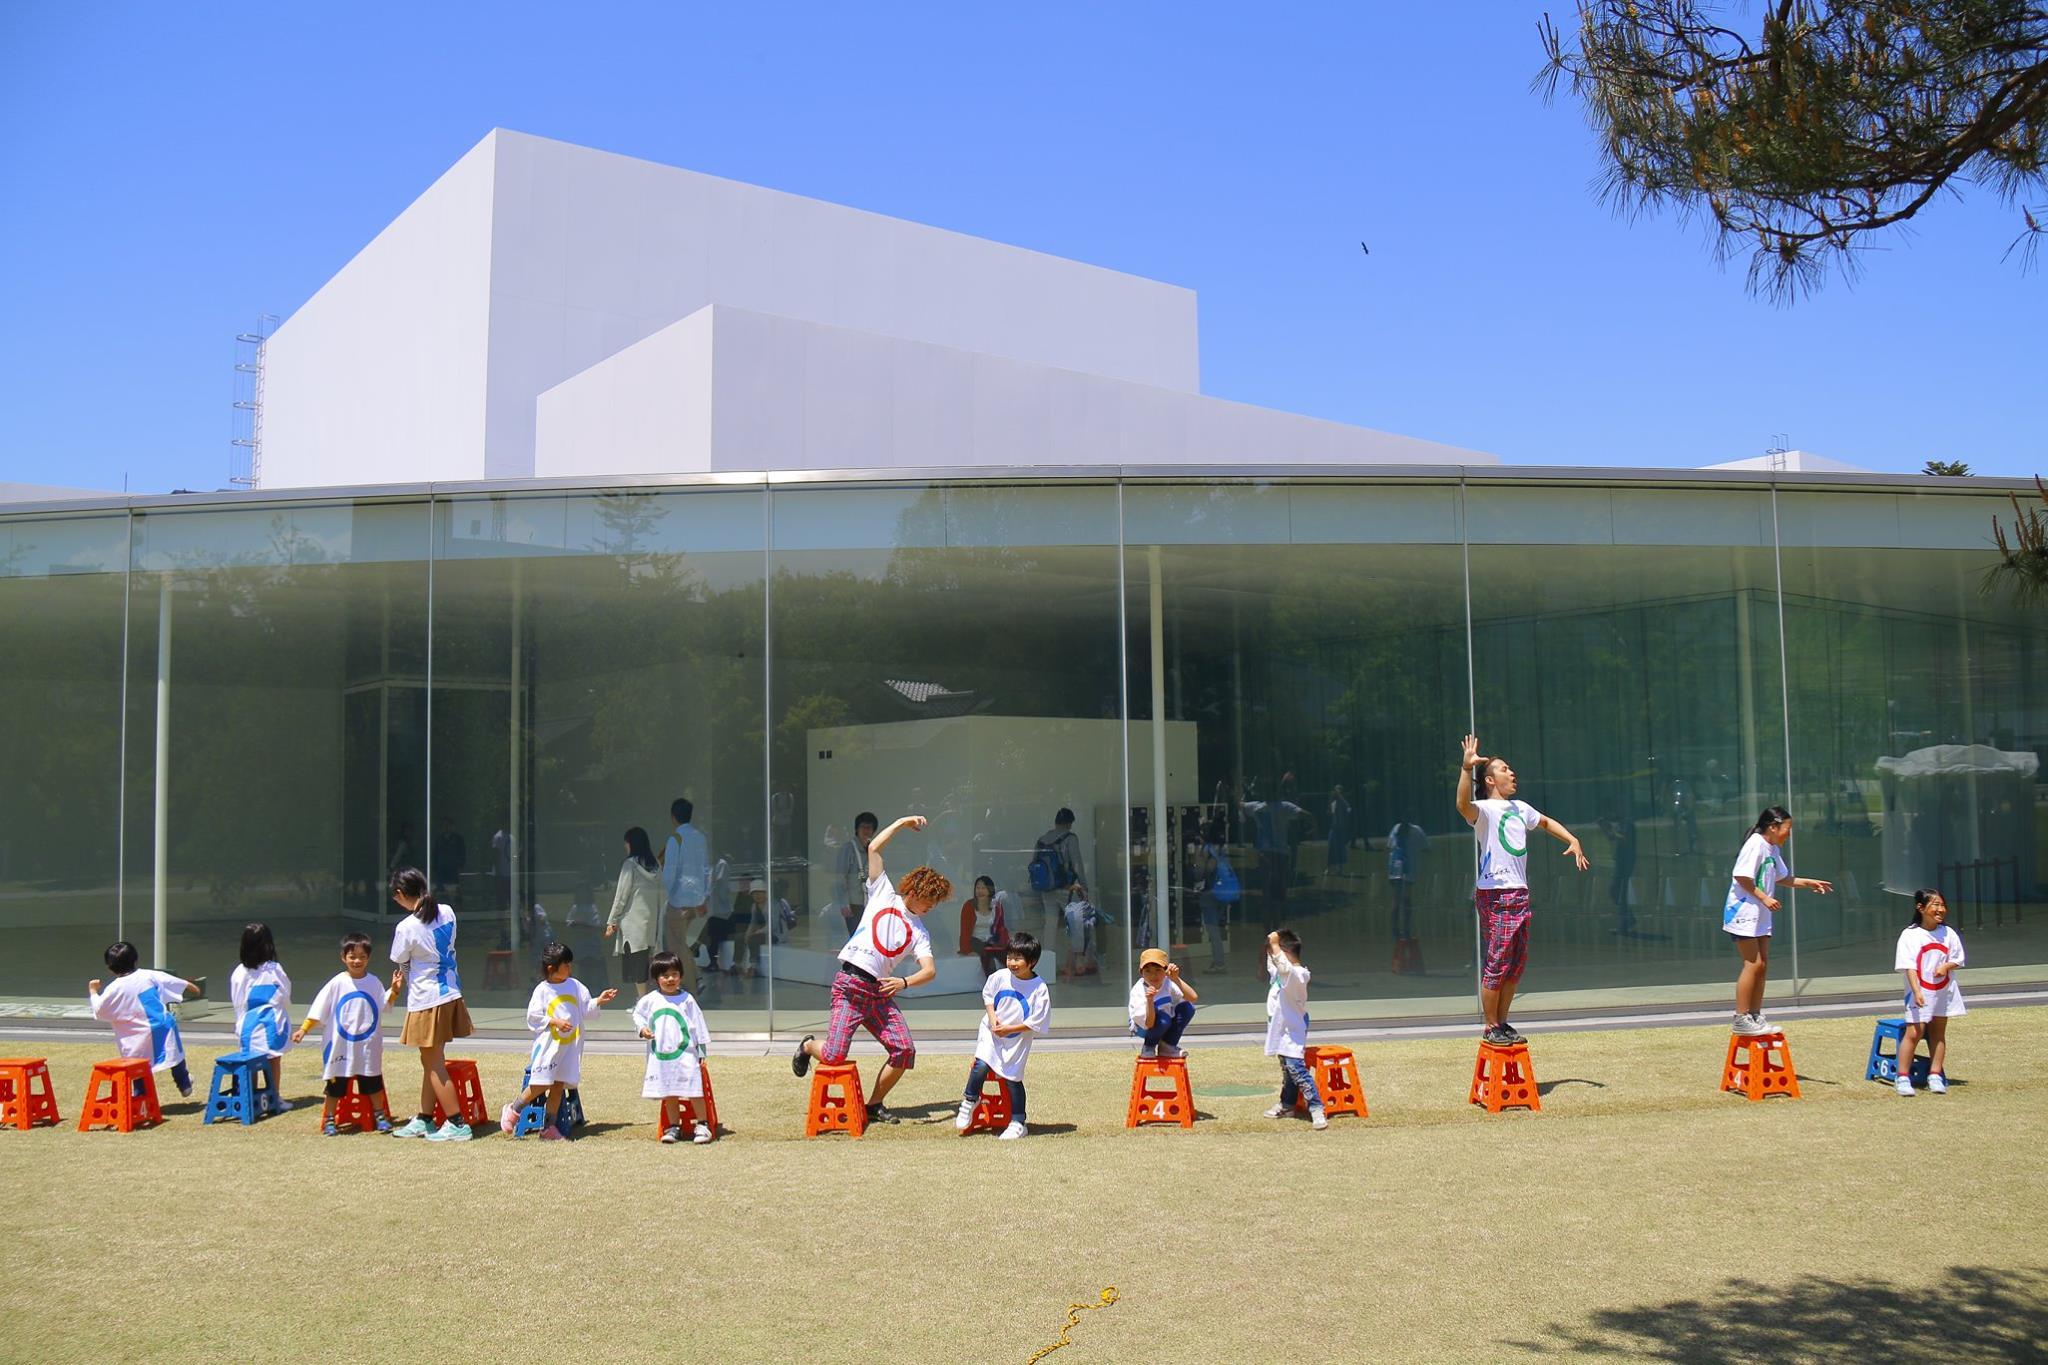 Compania Nmatu-Posu / Miyazaki C-Dance Center @ 21st Century Museum of Contemporary Art, Kanazawa, Japan